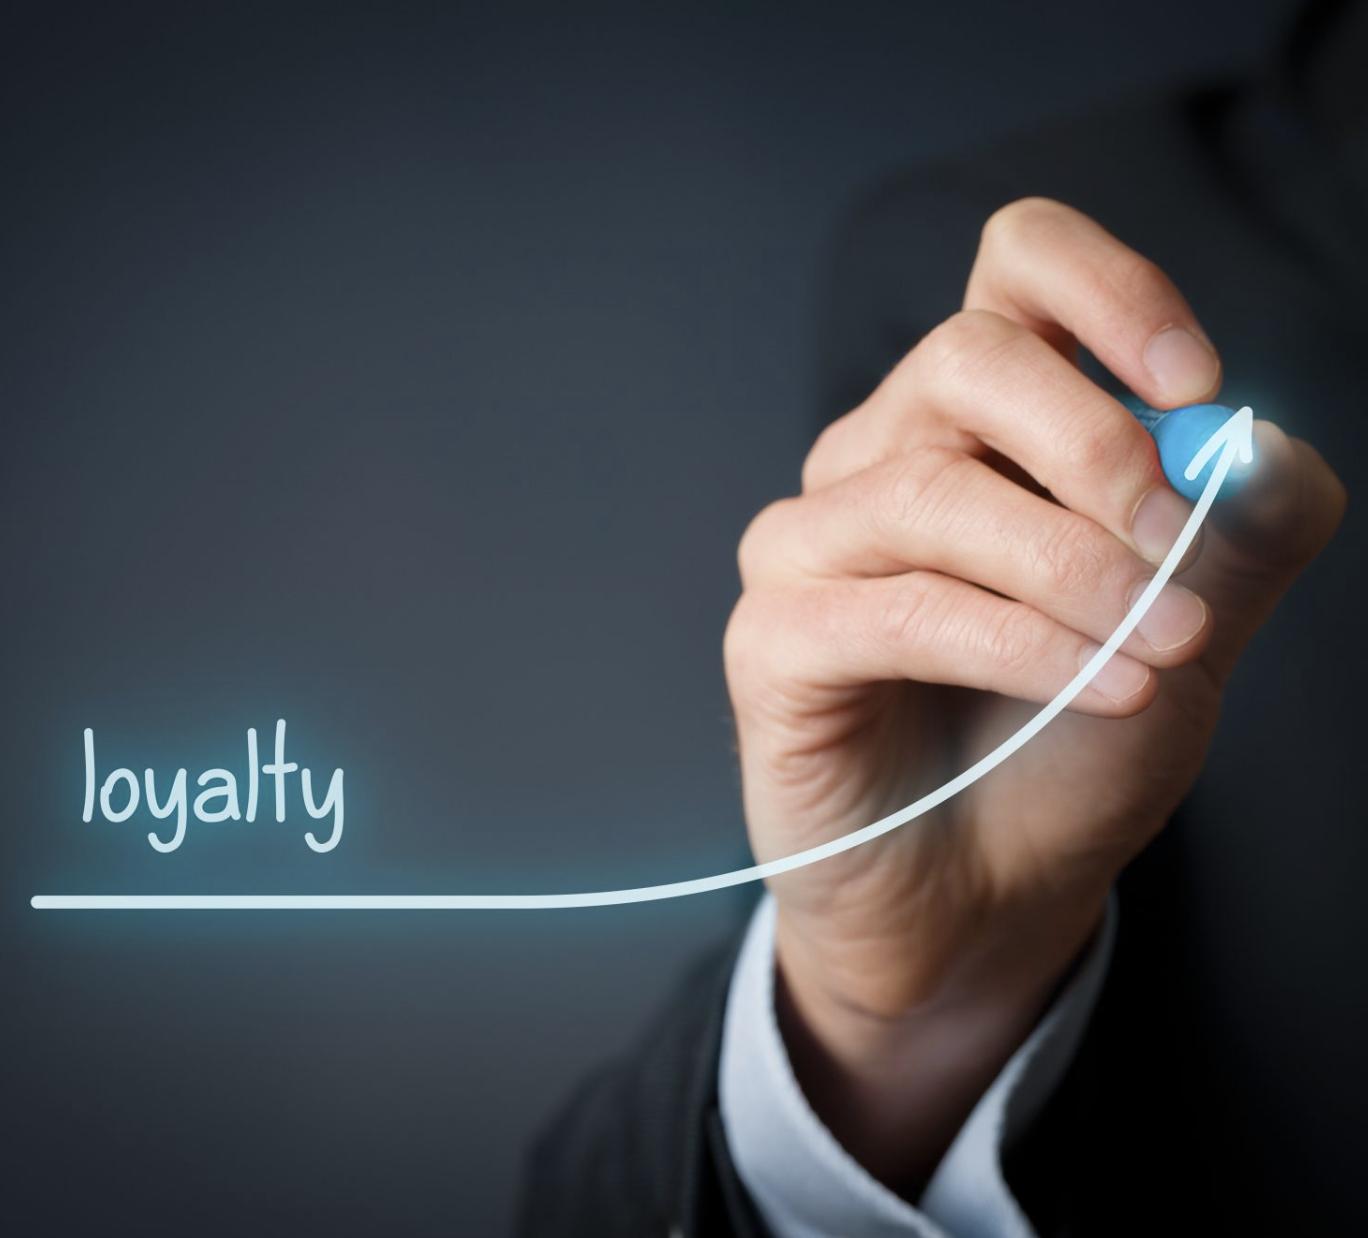 Как увеличить лояльность клиентов: 5 советов от Robovoice